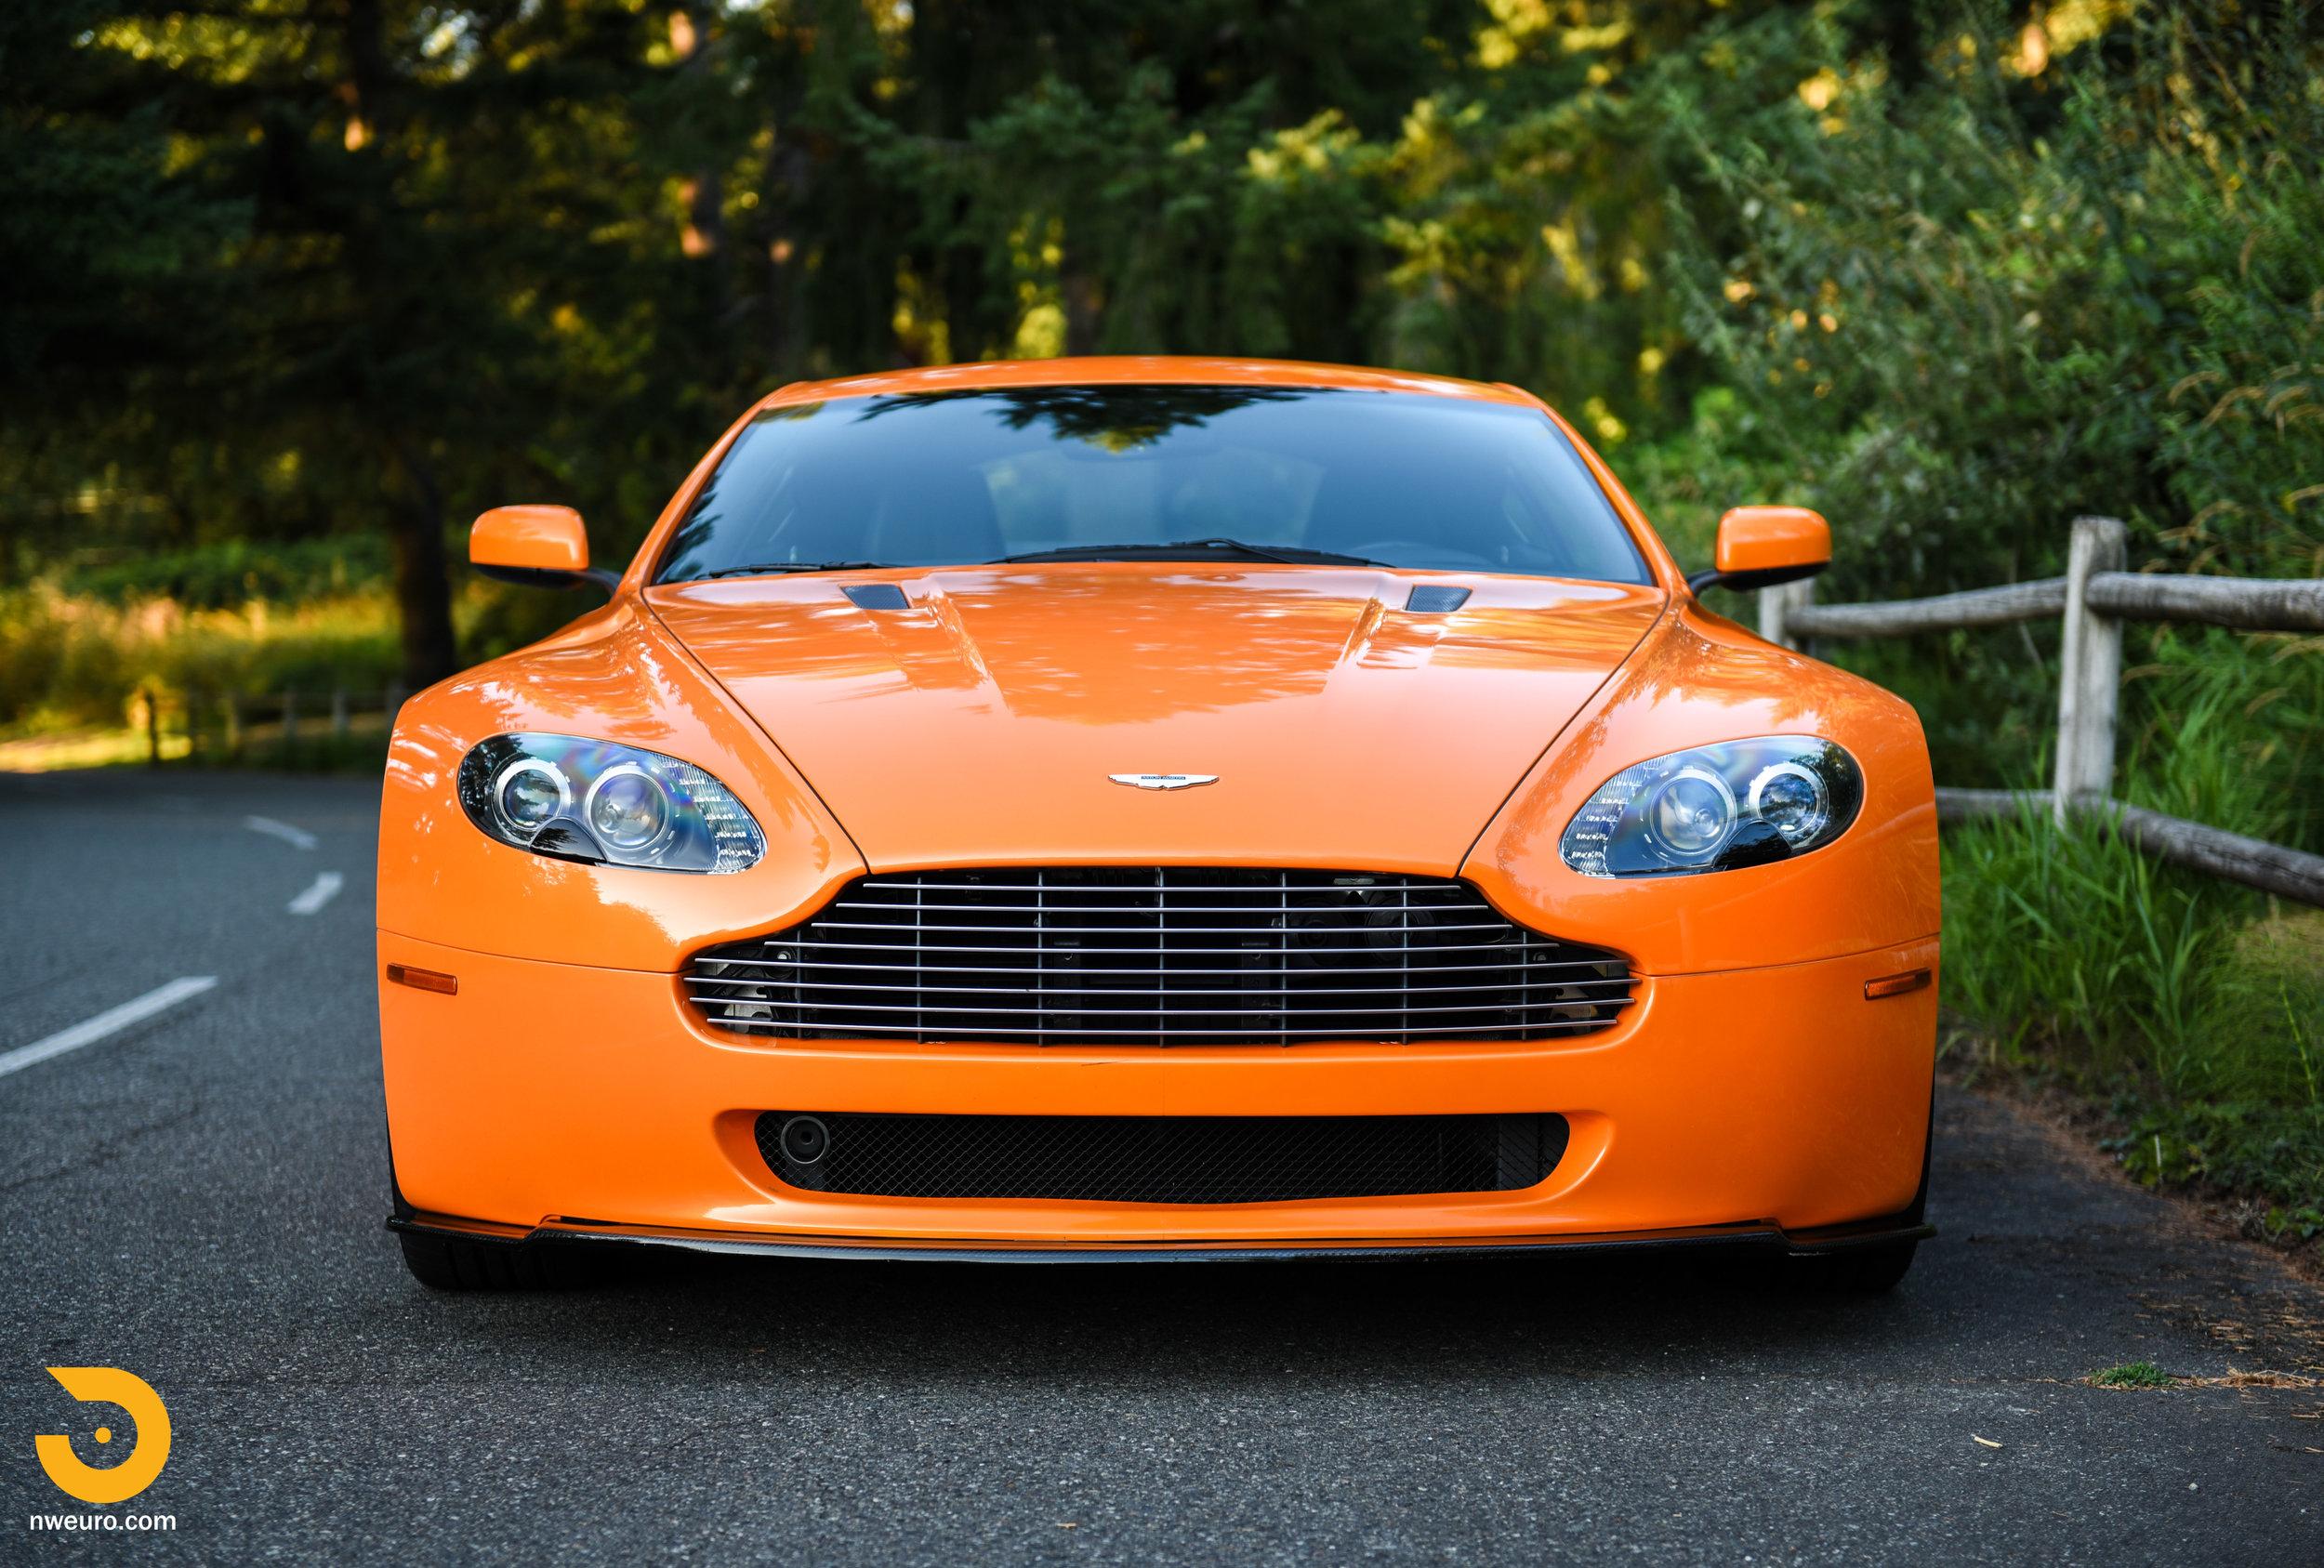 2009 Aston Martin V8 Vantage-6.jpg